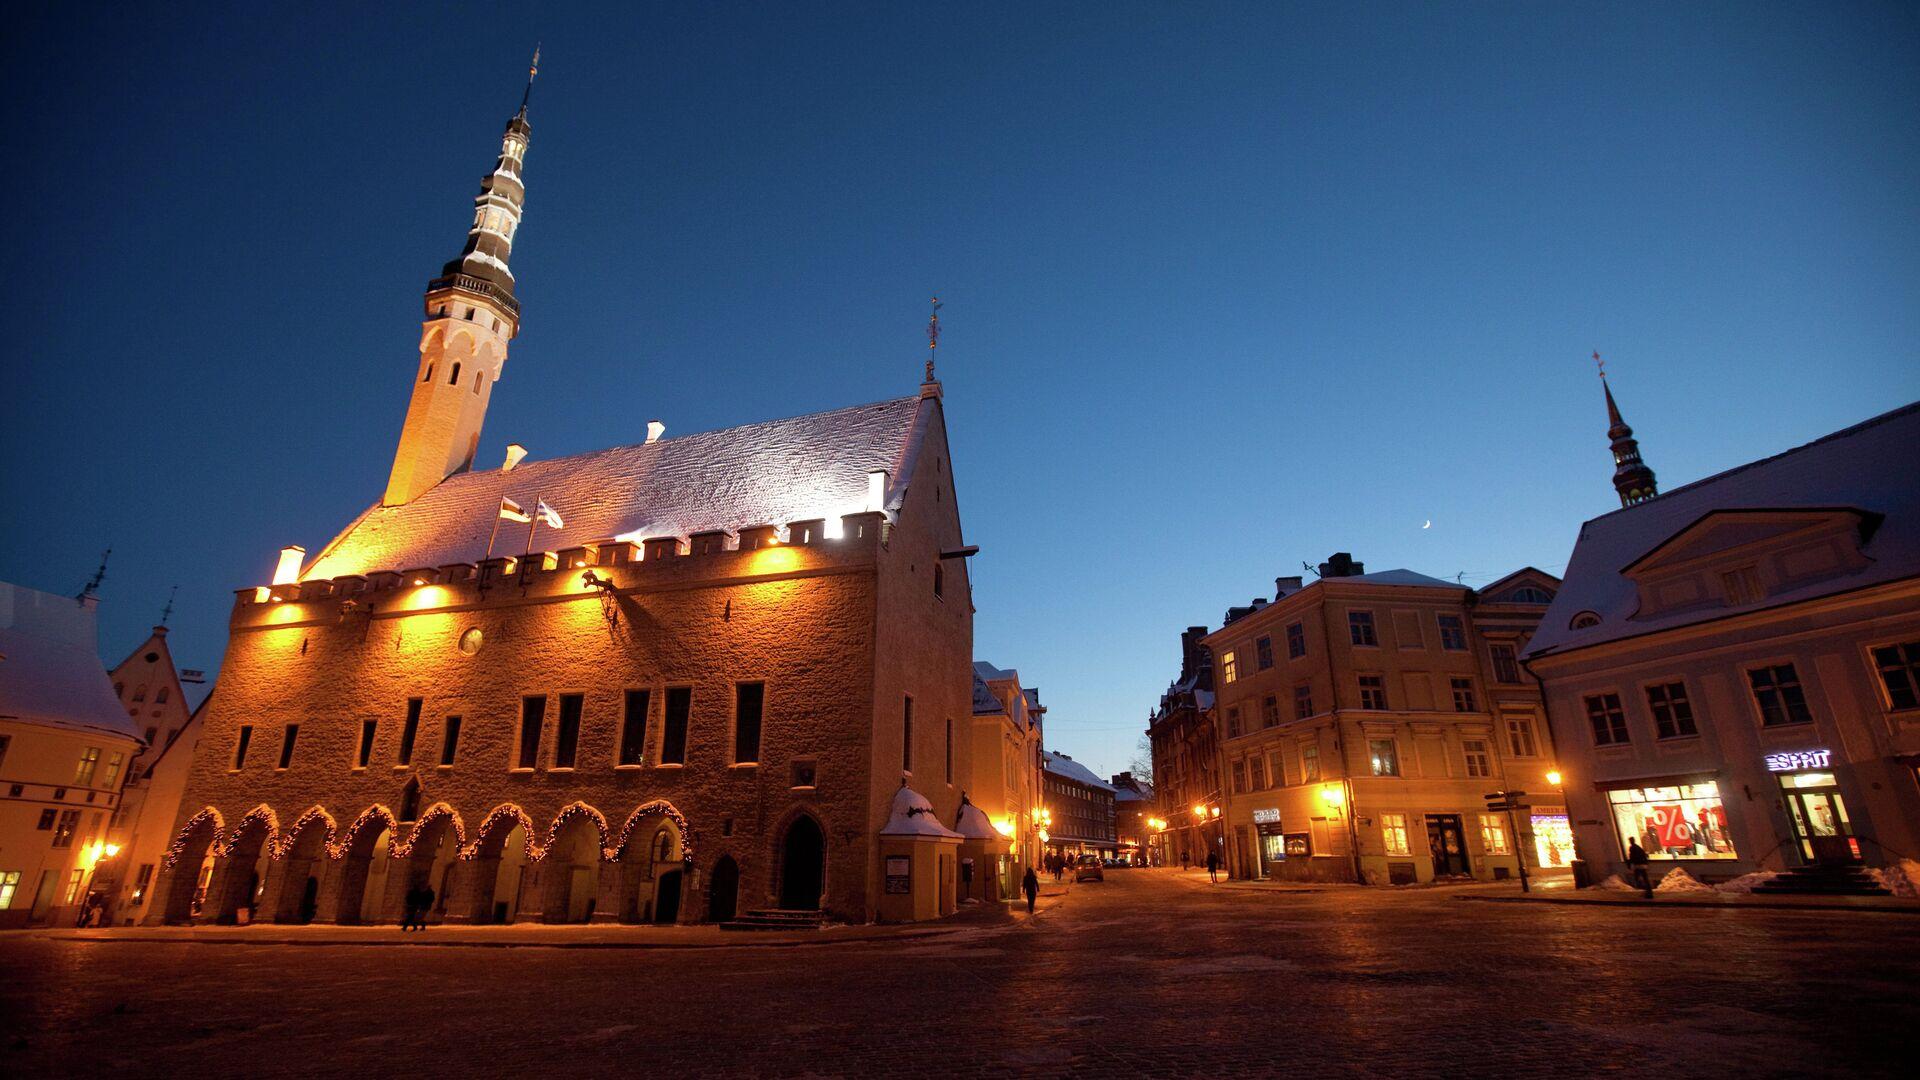 Исторический центр Таллина - Старый город - РИА Новости, 1920, 23.11.2020